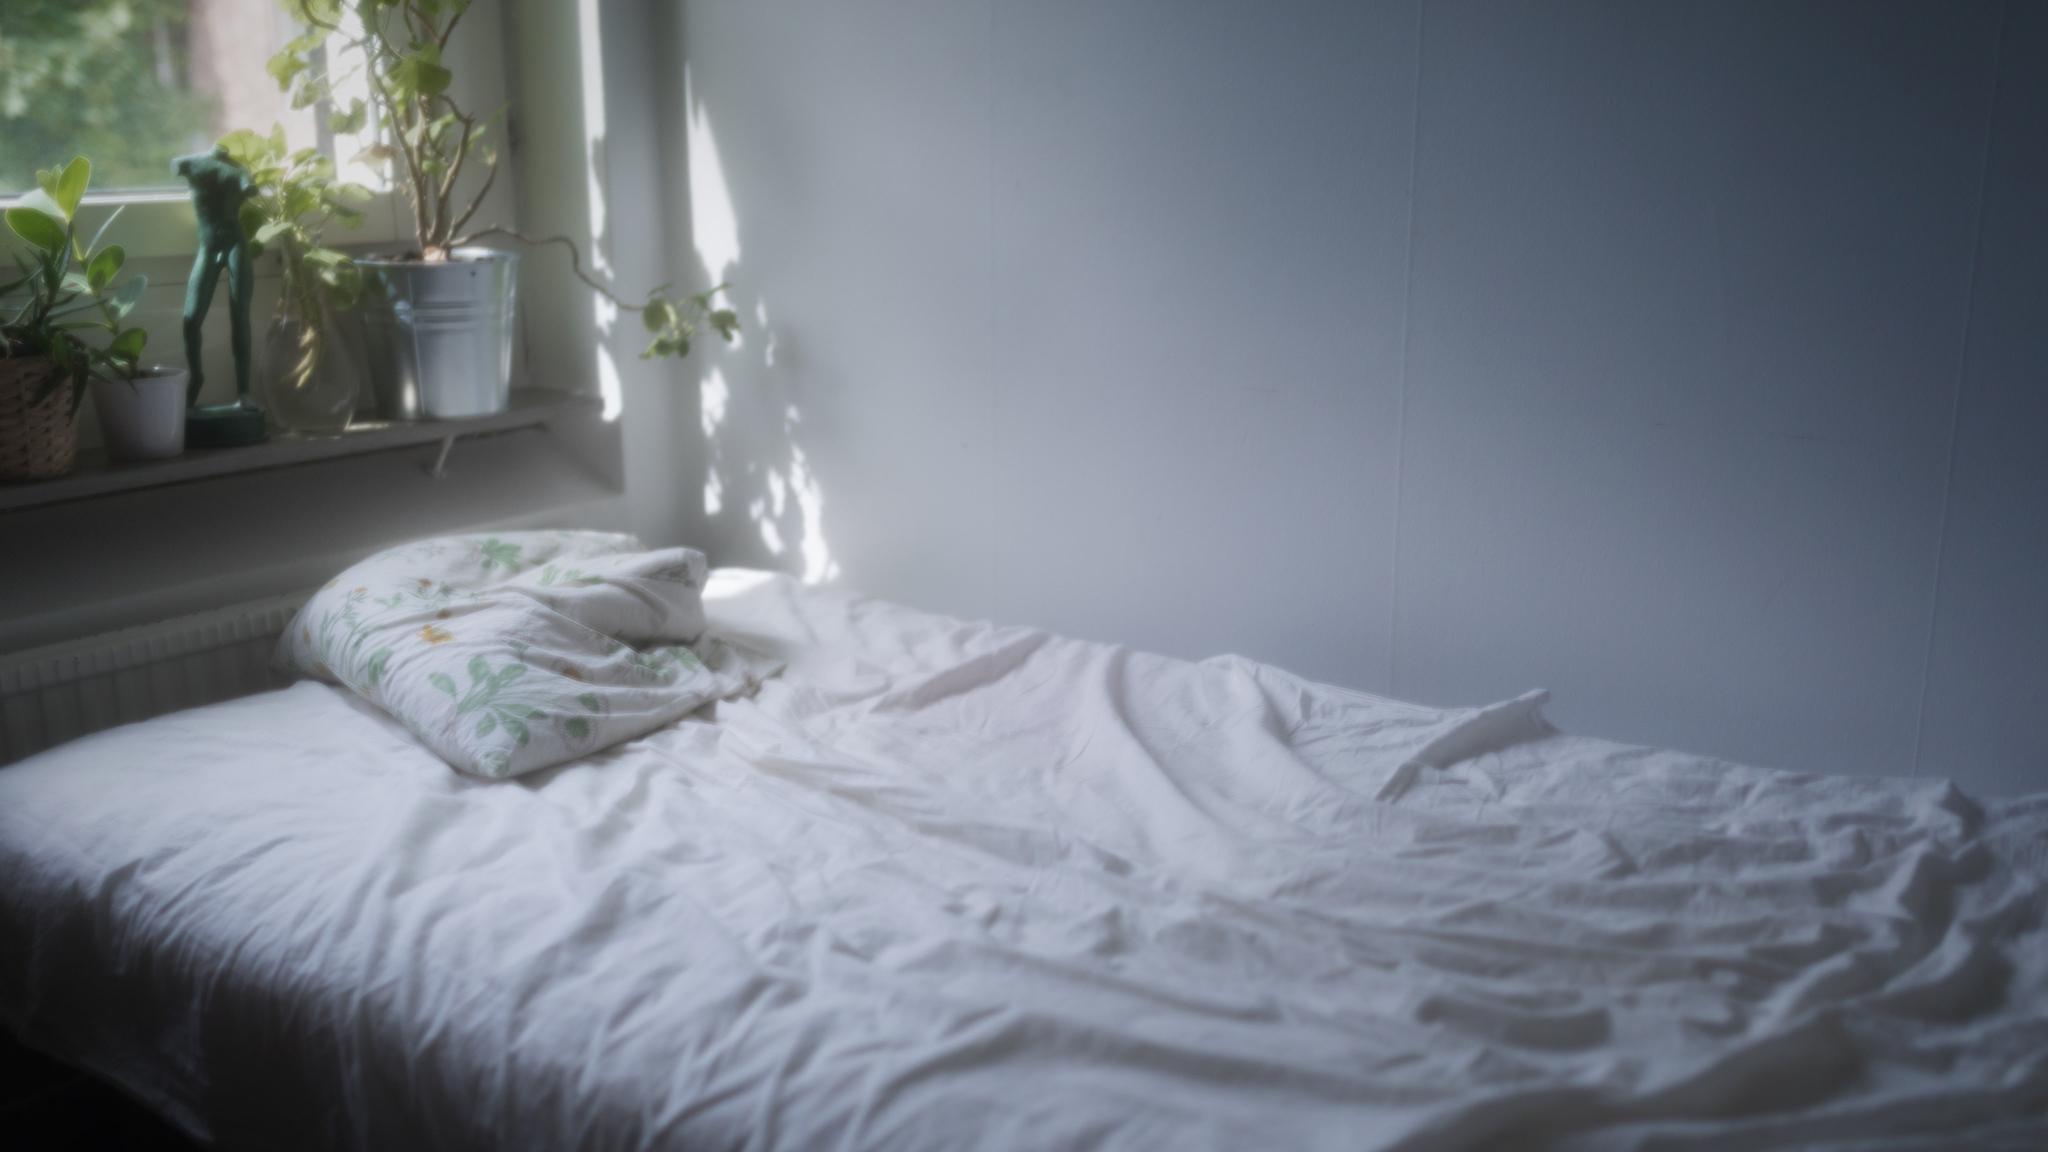 göteborgs oscar fredrik dating sites